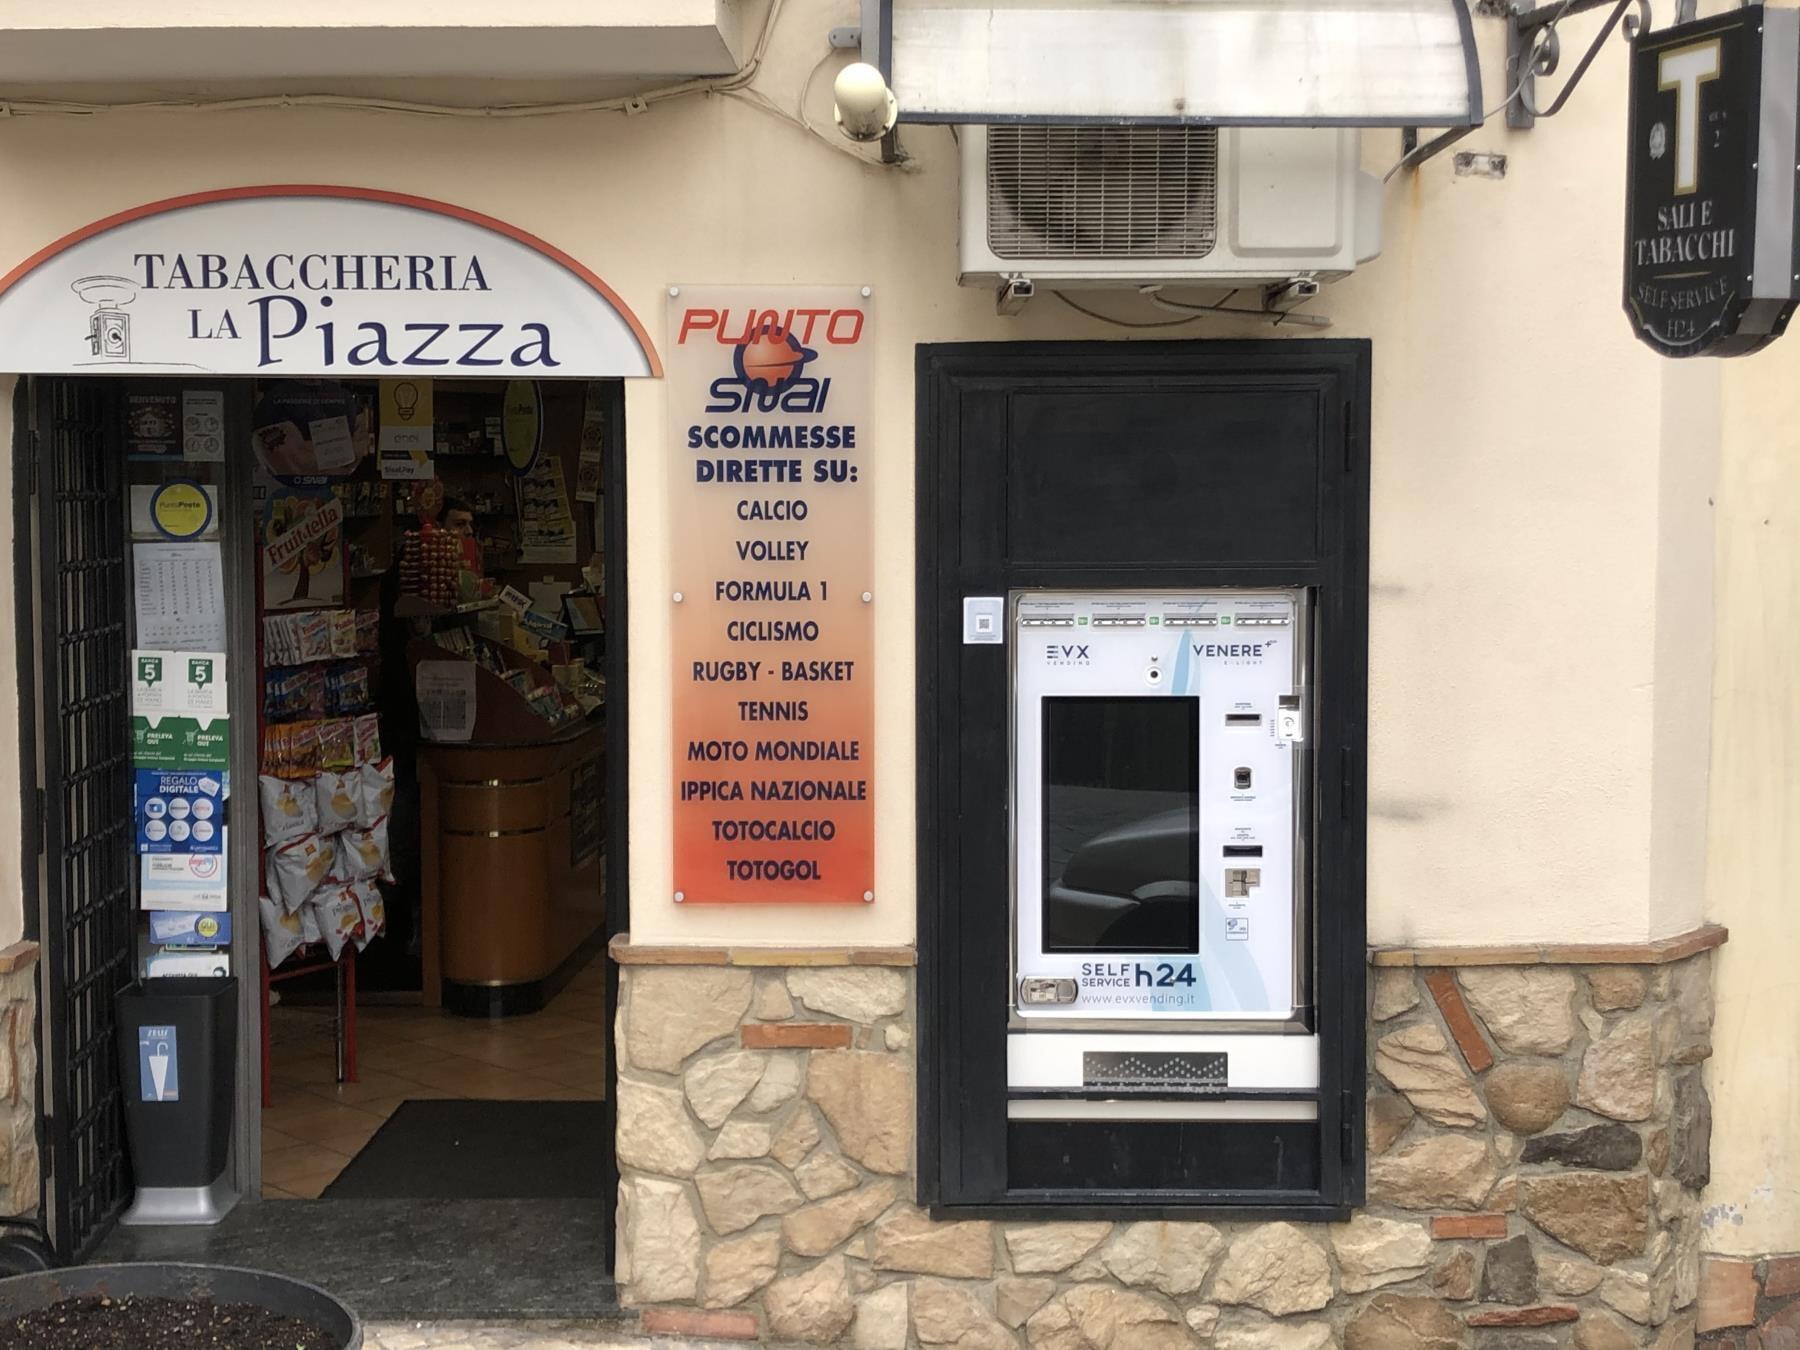 distributore-automatico-sigarette-evx-venere_+plus (13)